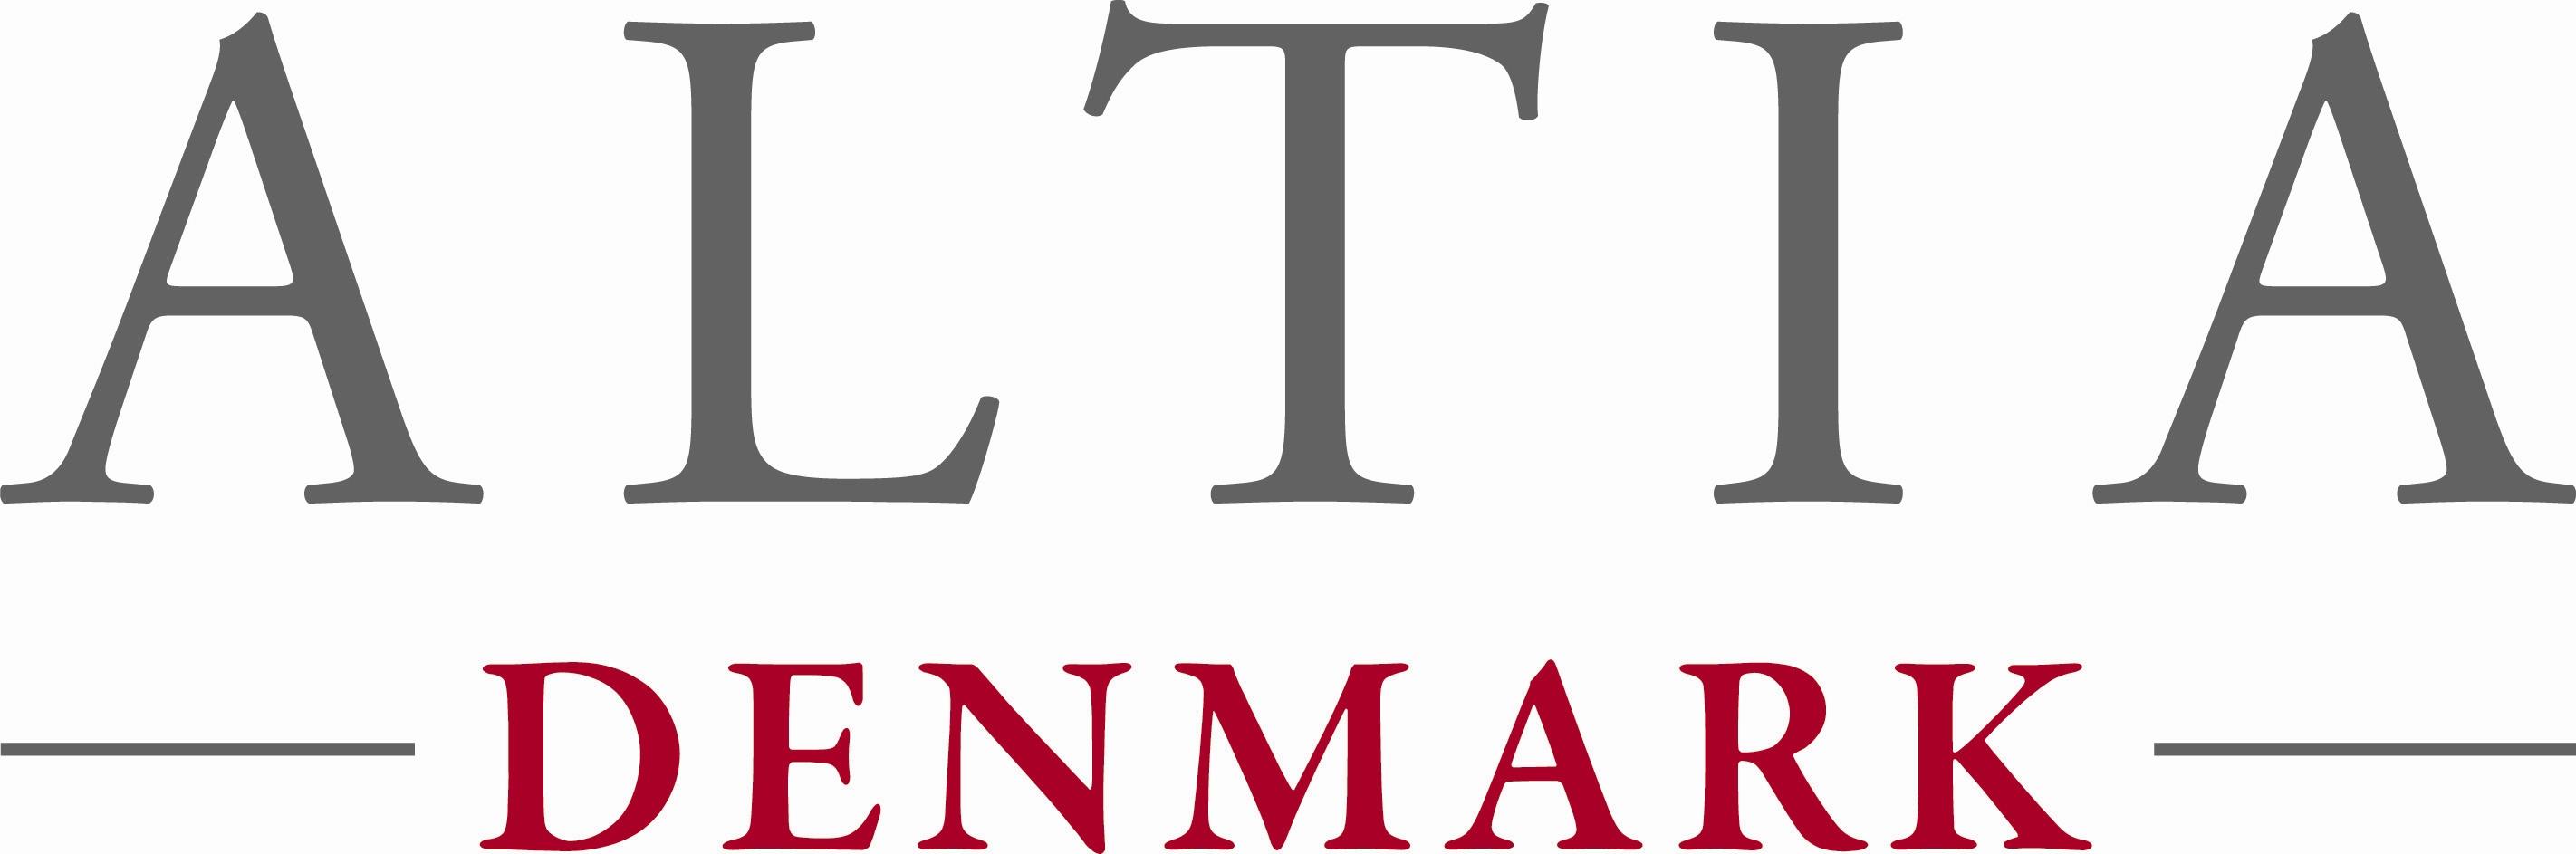 Altia Denmark logo